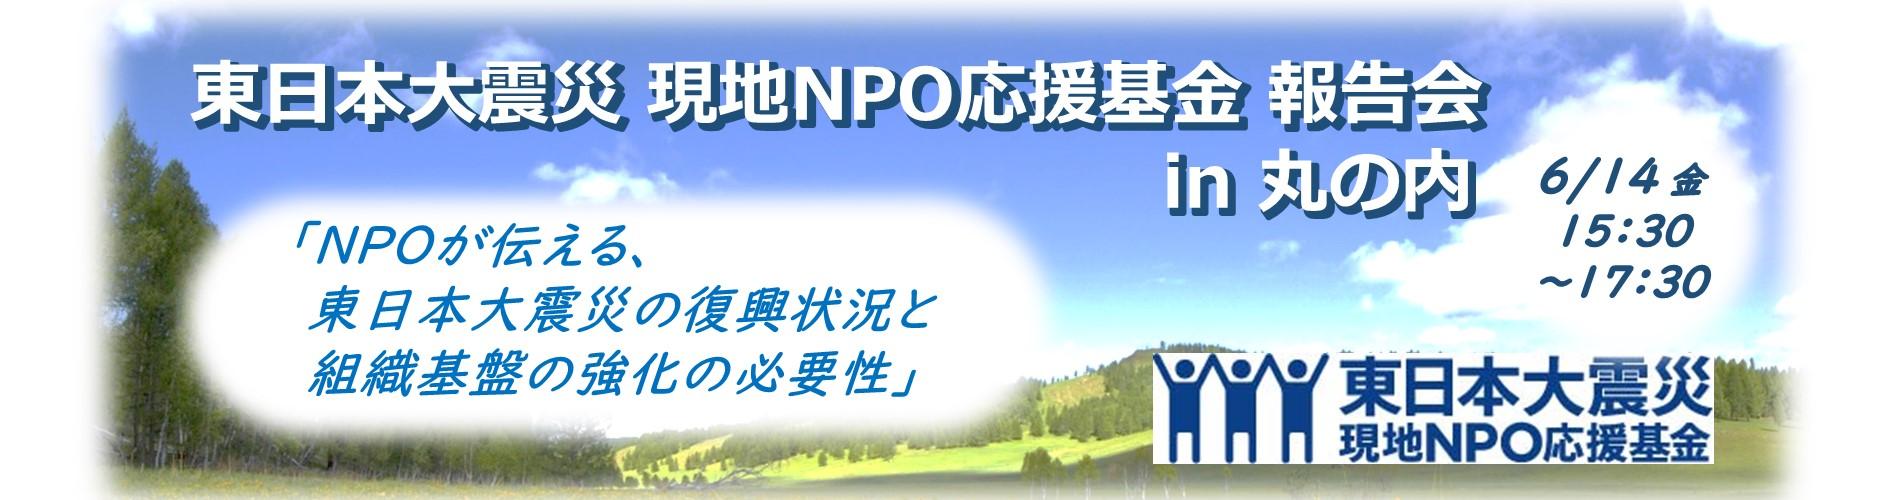 東京・丸の内【東日本大震災 現地NPO応援基金】報告会